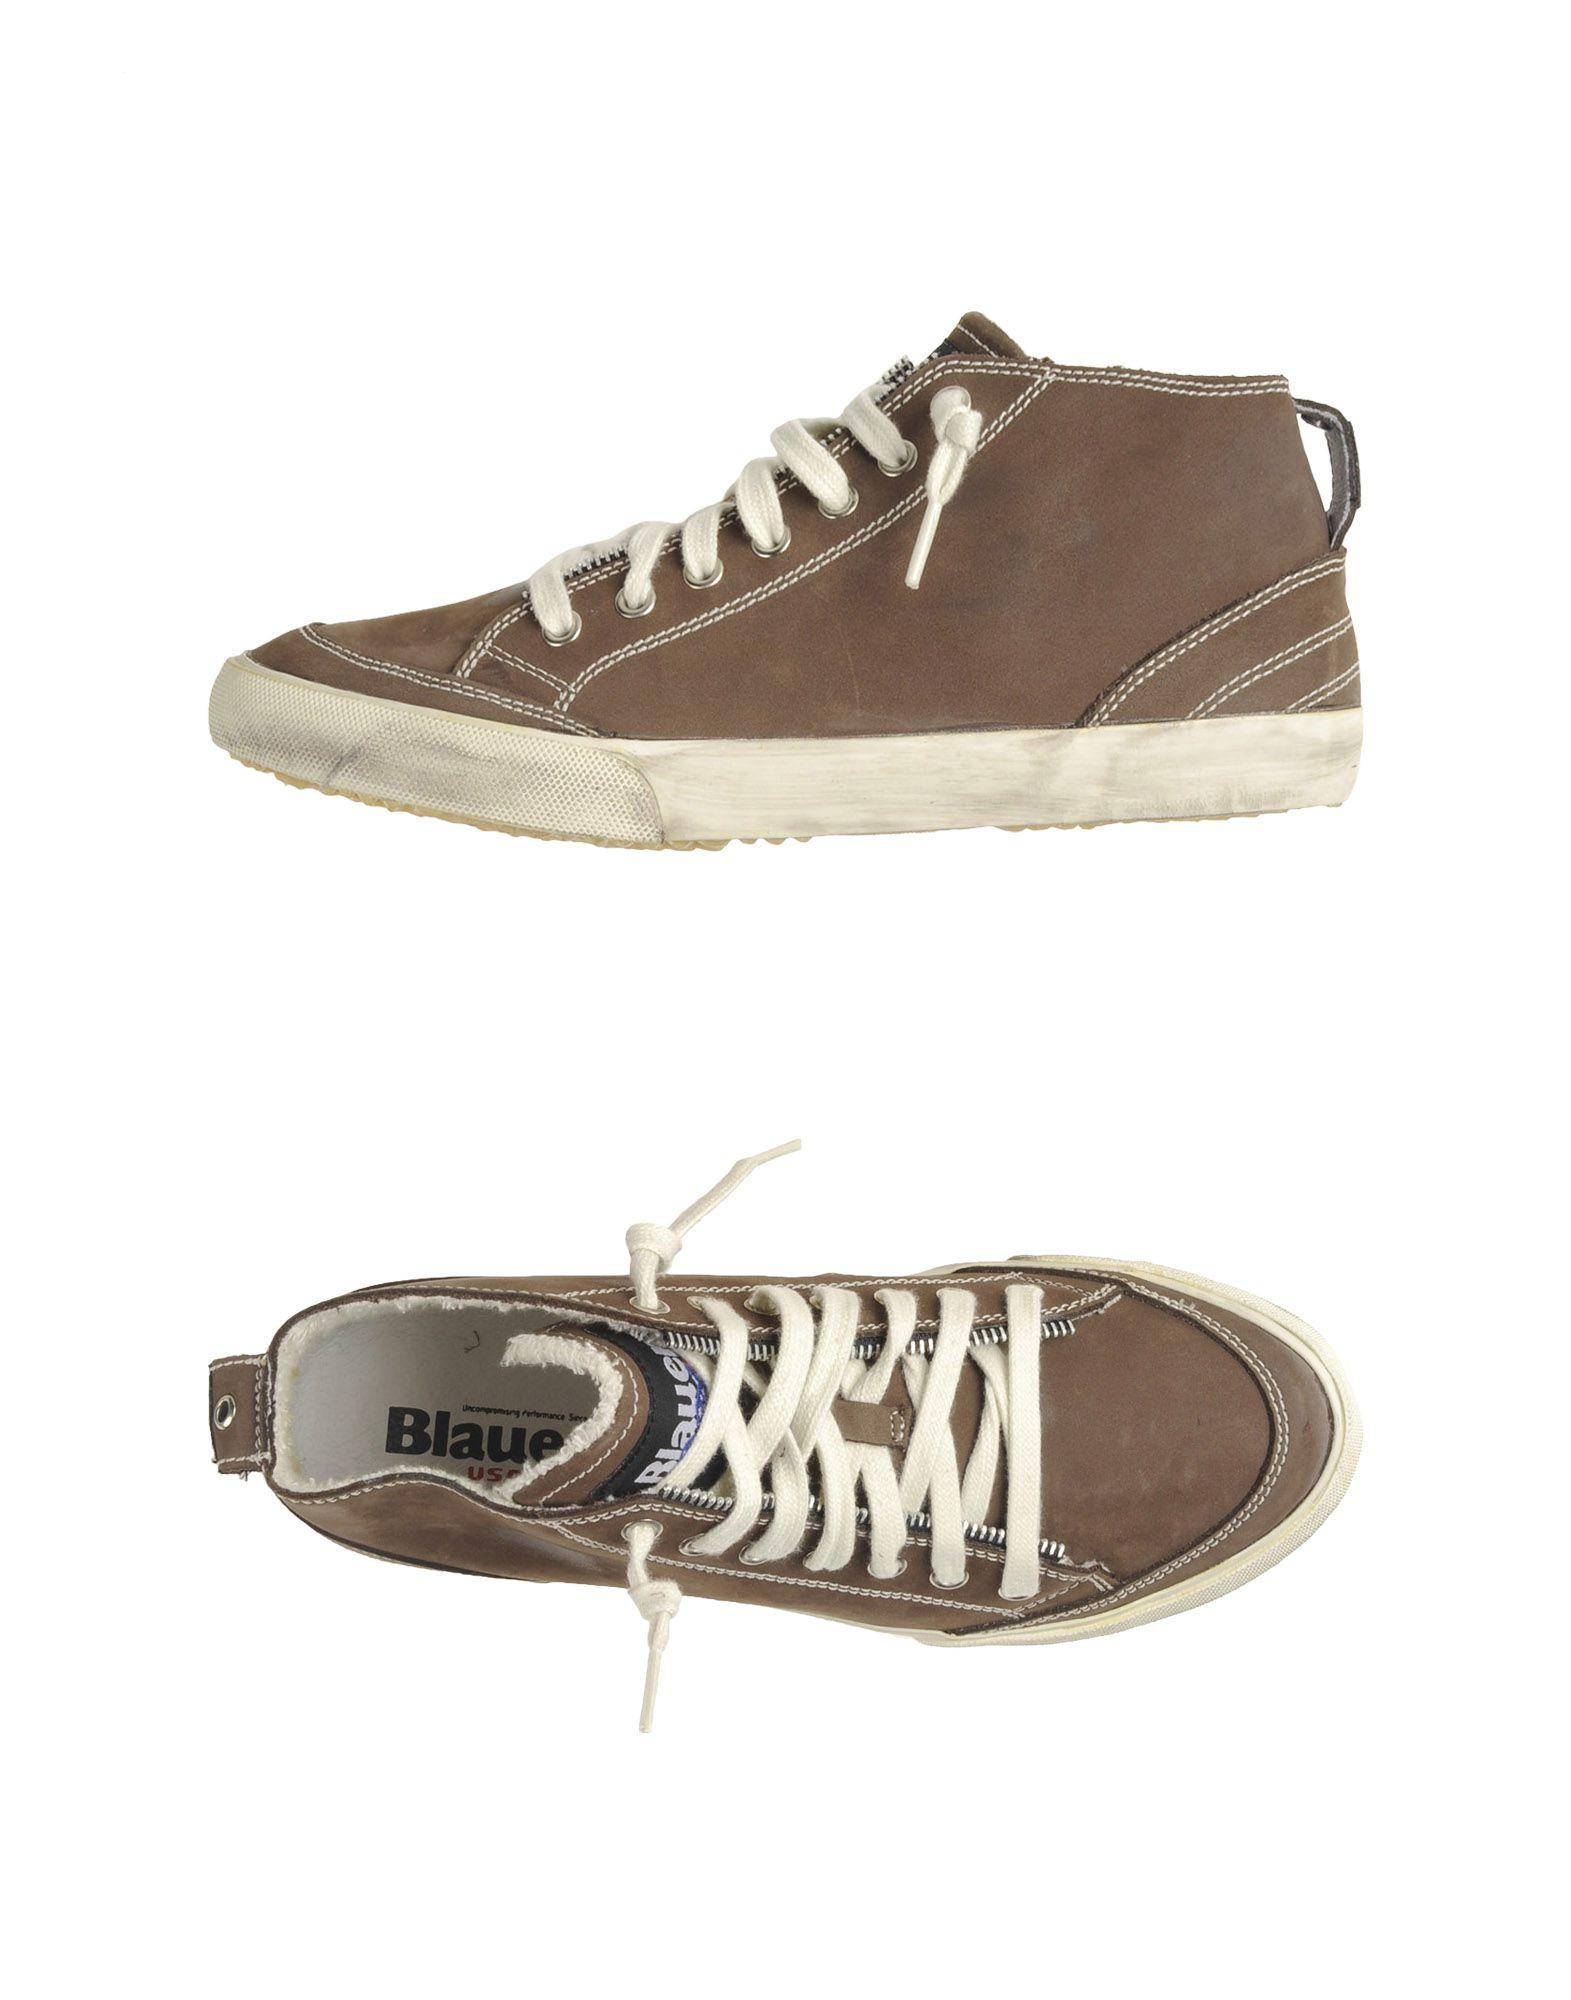 Blauer Sneakers Herren  44526004VQ Gute Qualität beliebte Schuhe